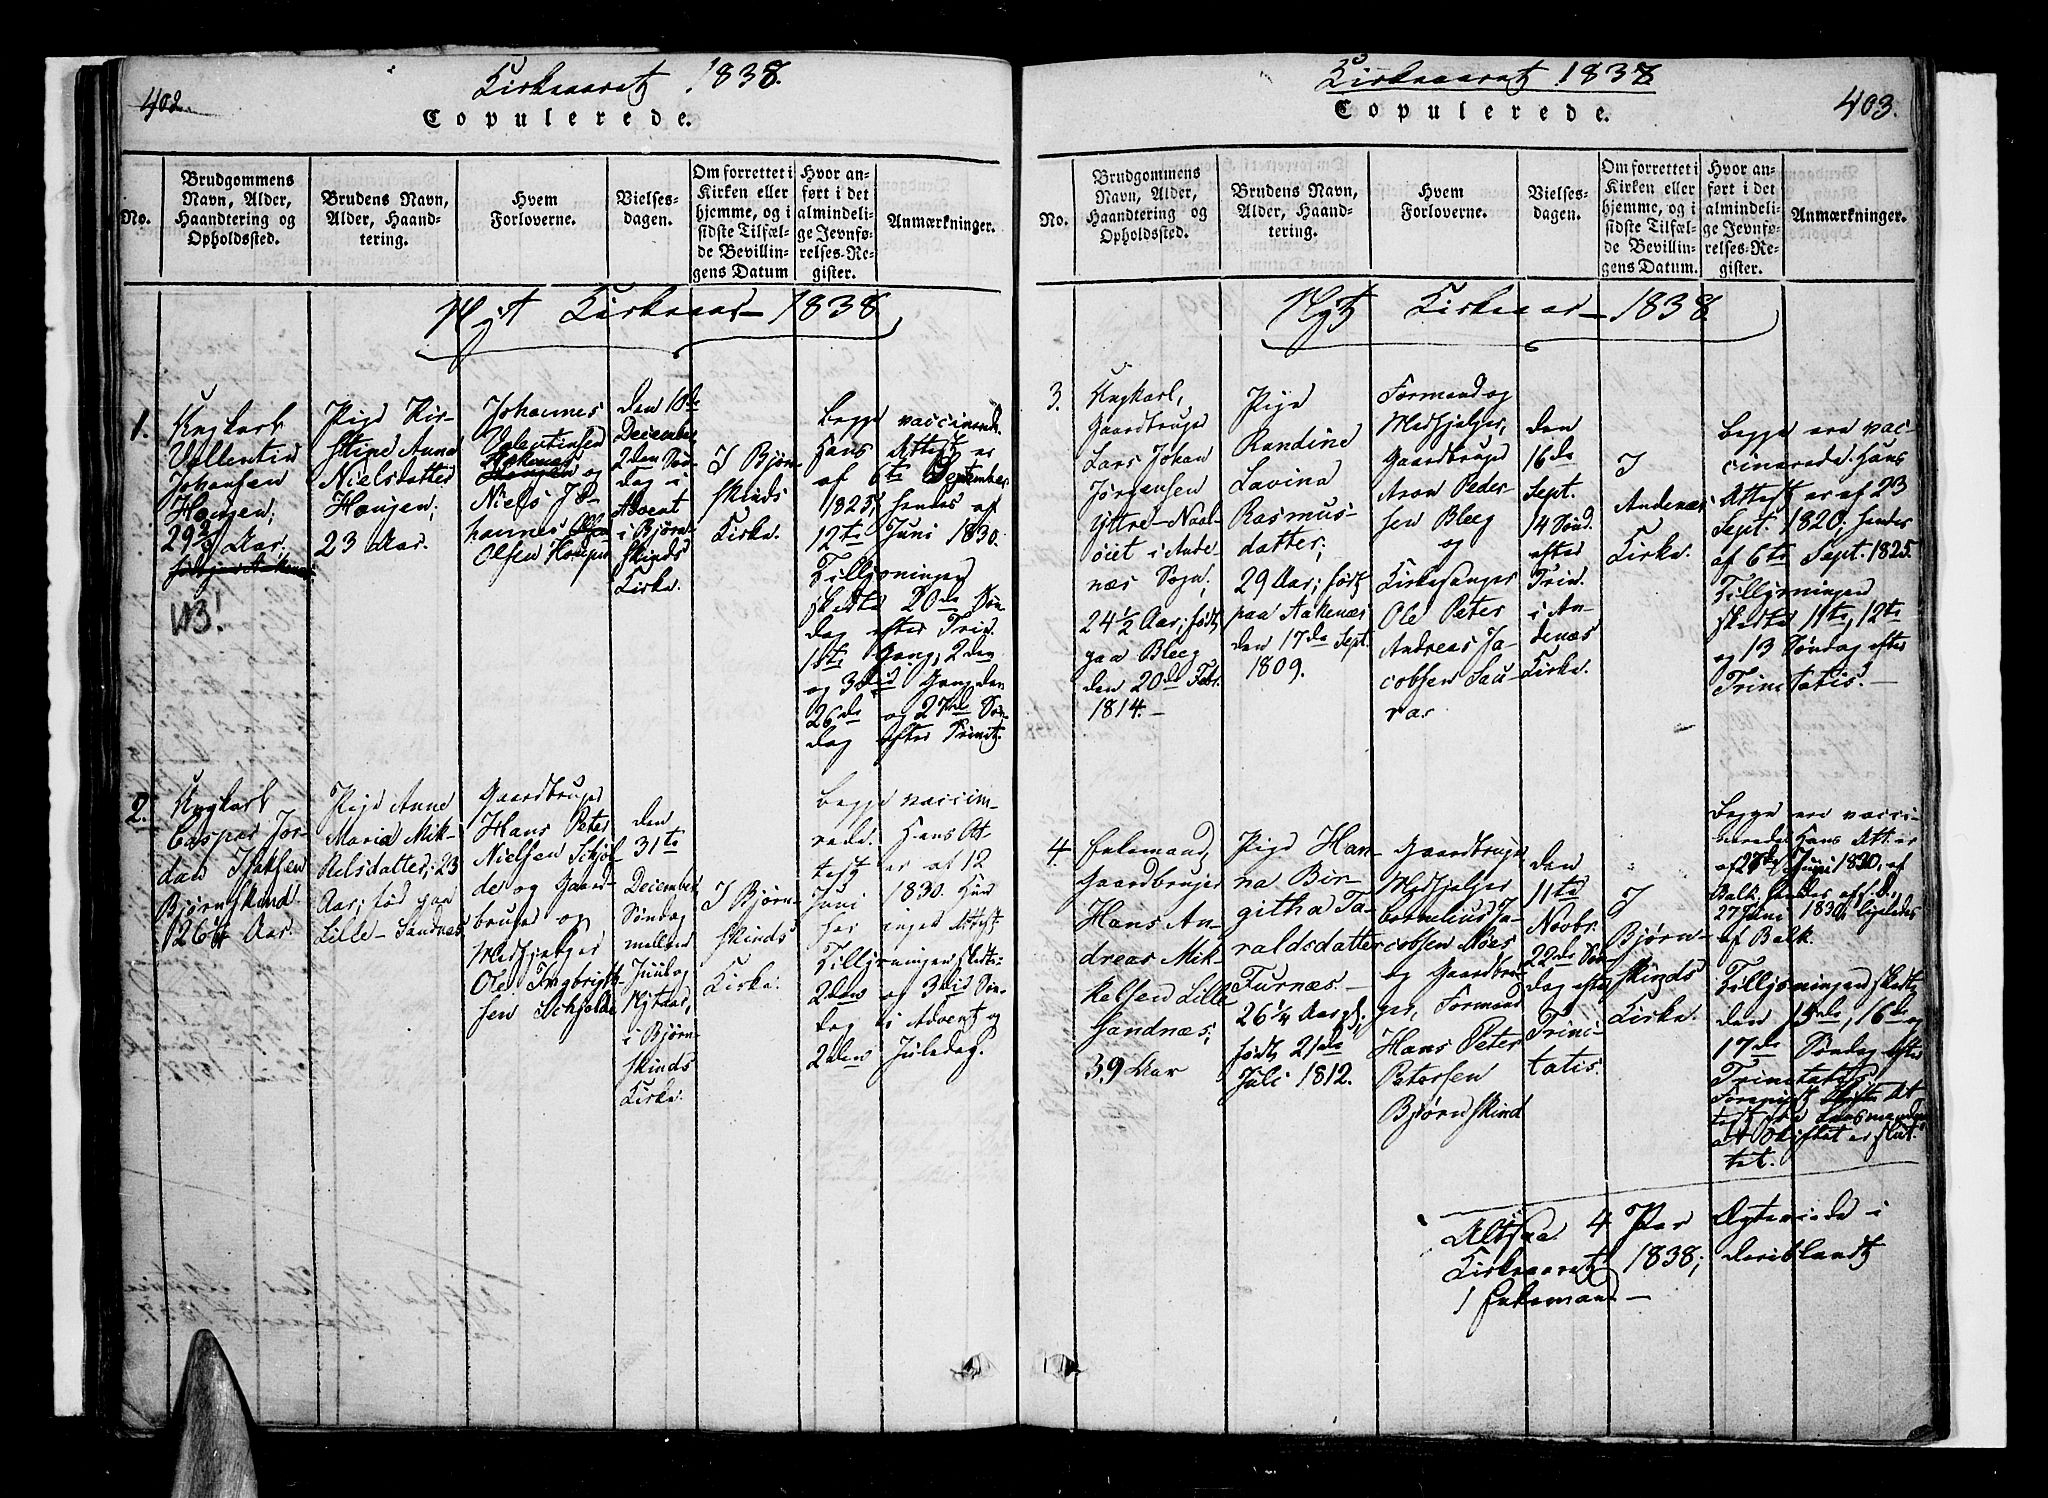 SAT, Ministerialprotokoller, klokkerbøker og fødselsregistre - Nordland, 897/L1395: Parish register (official) no. 897A03, 1820-1841, p. 402-403